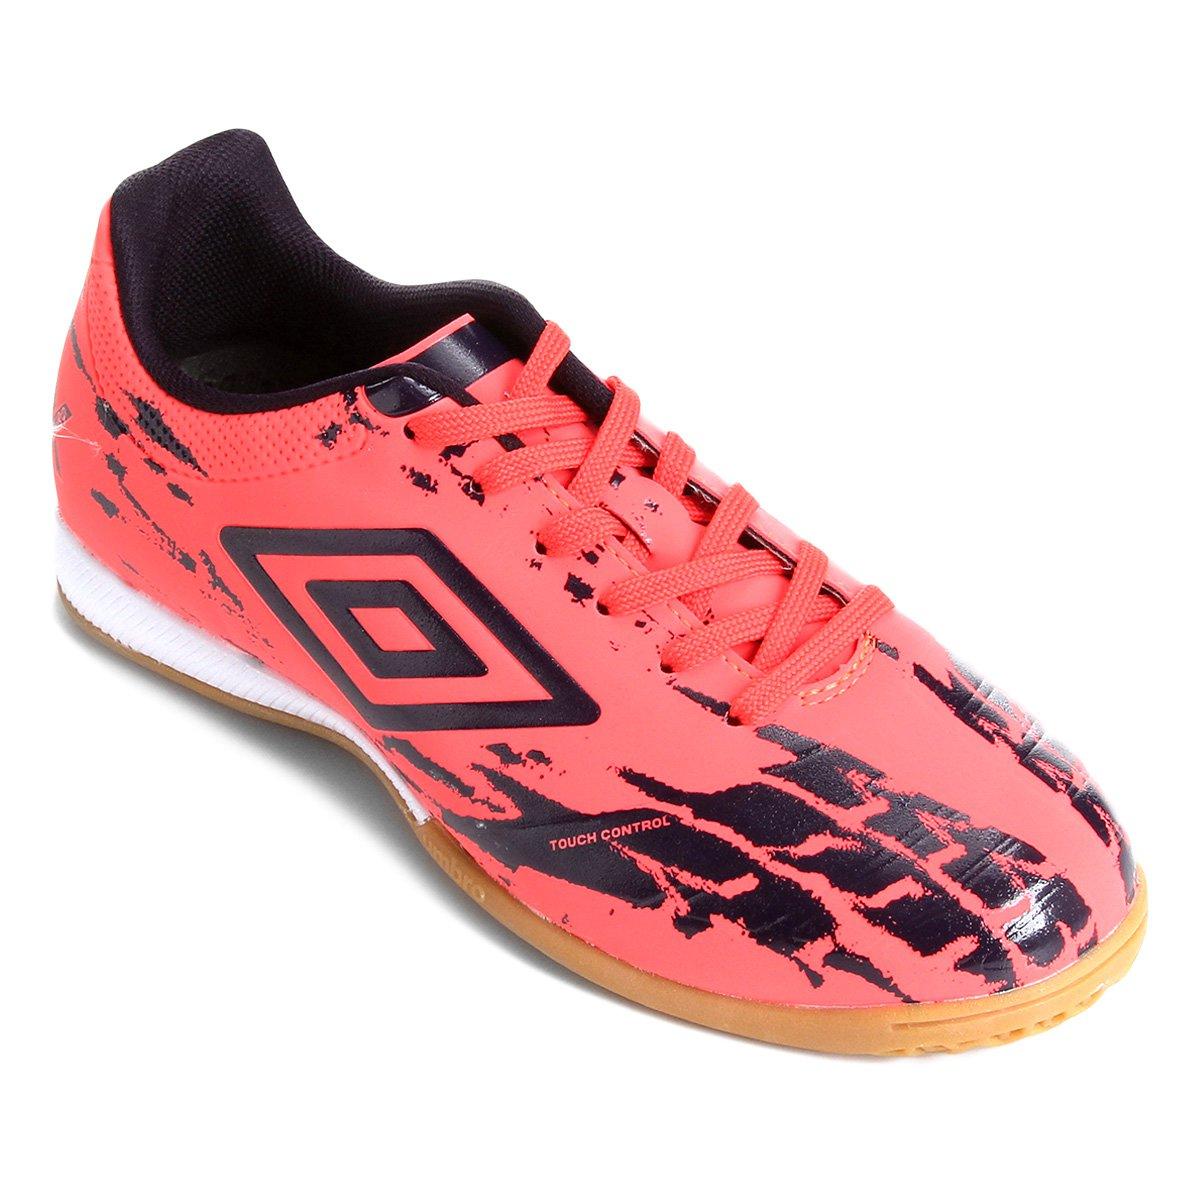 Chuteira Futsal Umbro Accuro II Club - Vermelho - Compre Agora ... c004711f626a8